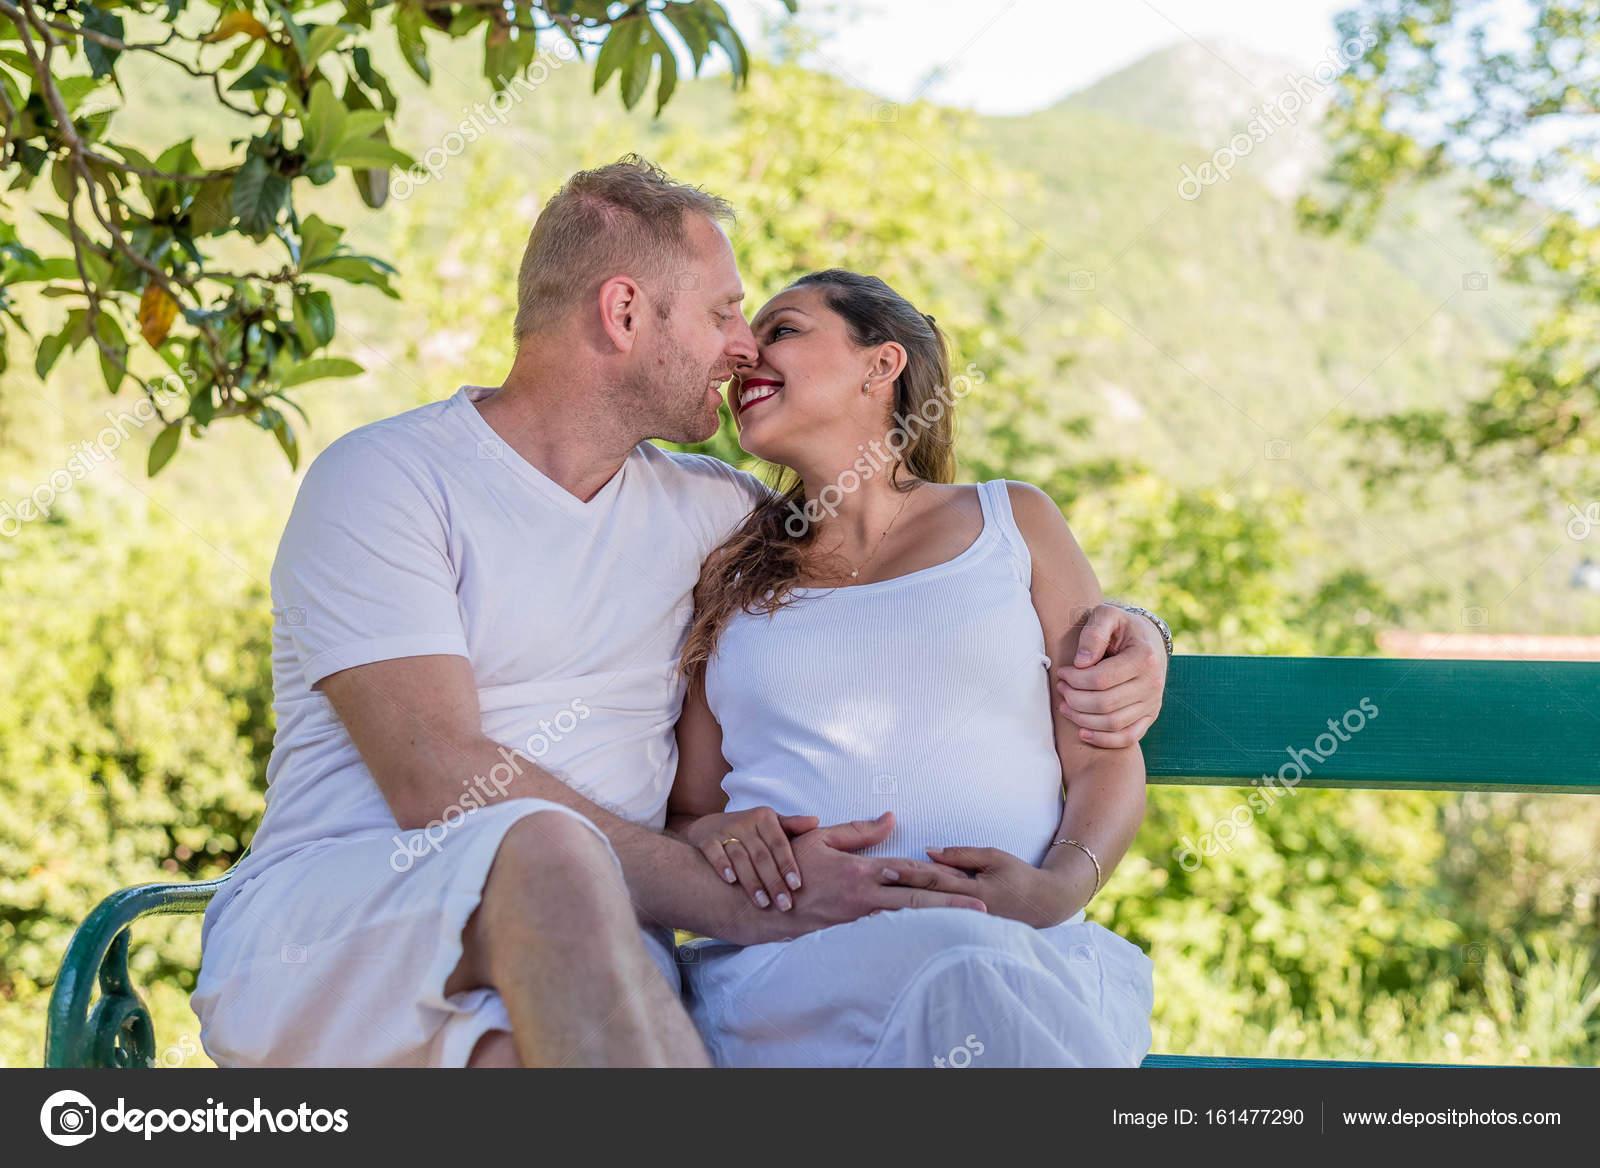 Kostenloses Hochzeits-Matchmaking